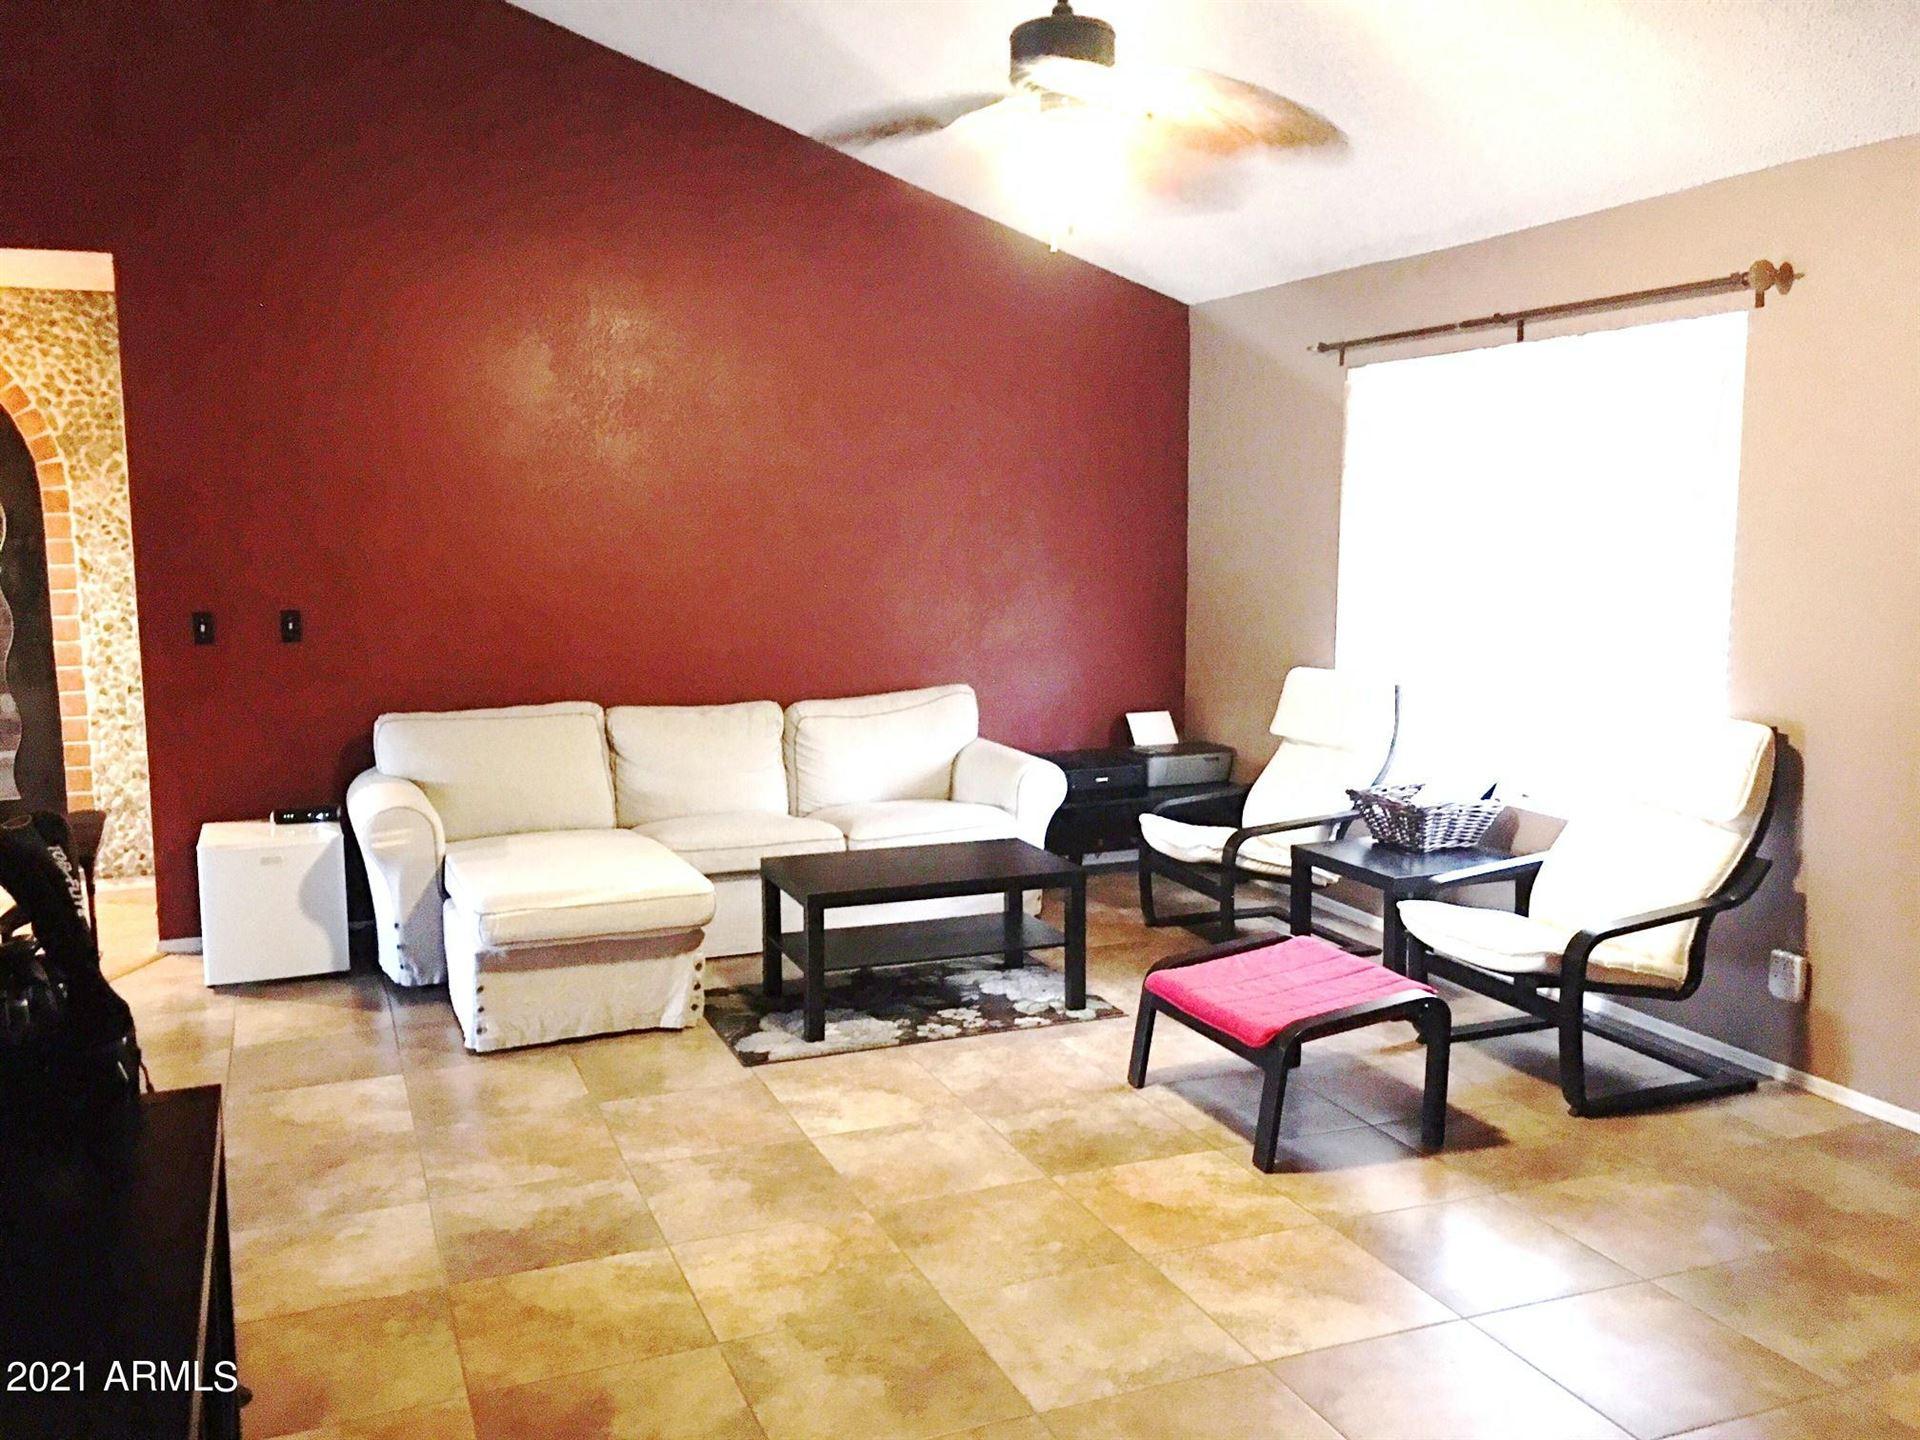 Photo of 7313 S Lakeshore Drive, Tempe, AZ 85283 (MLS # 6268537)